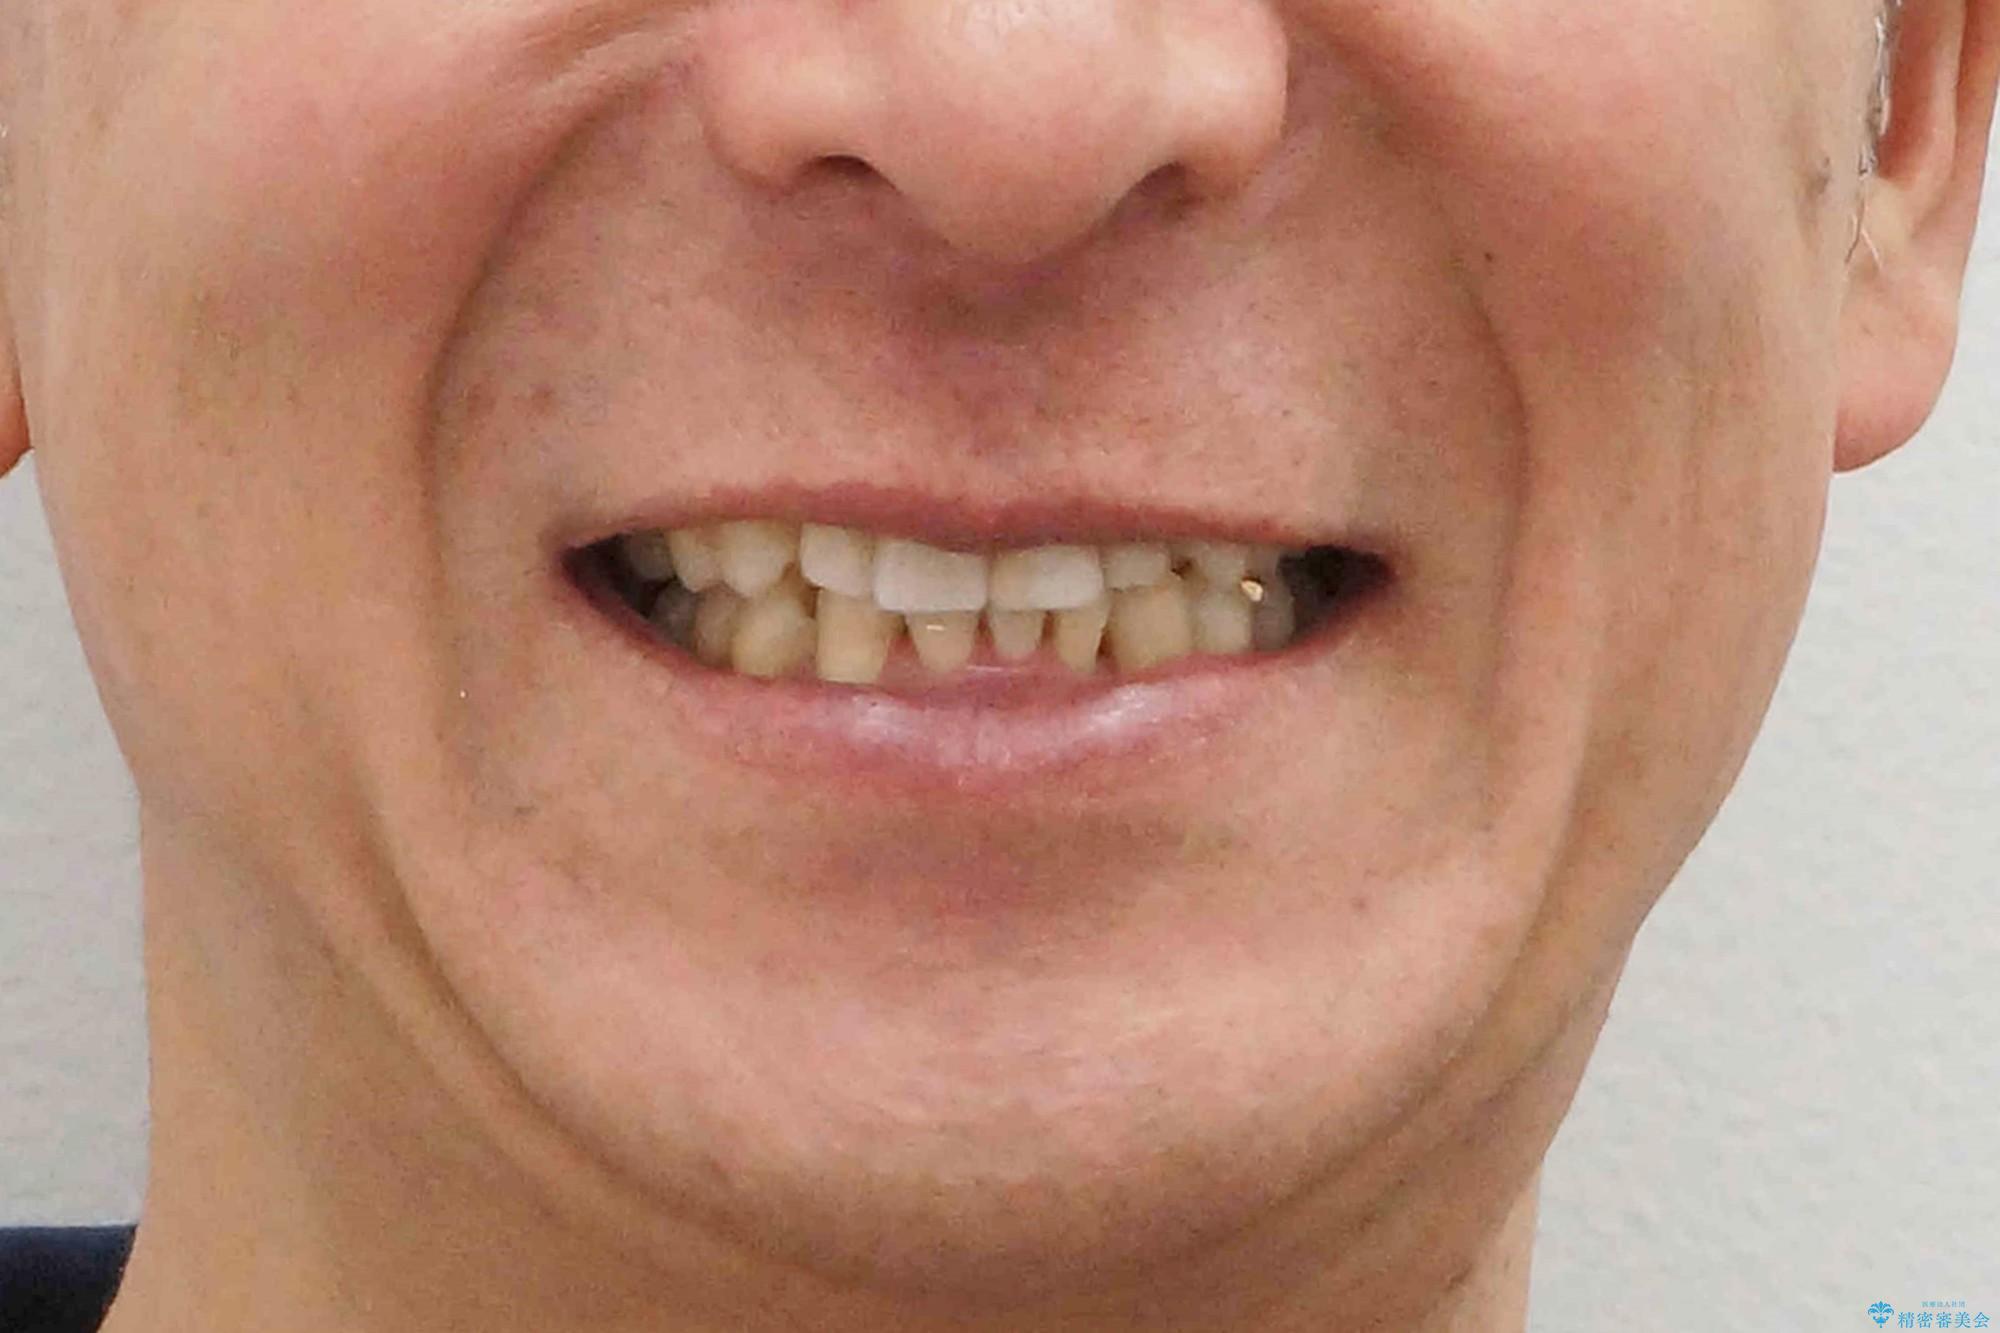 奥に引っ込んでいる歯をセラミックでかぶせたい 補綴前矯正 50代男性の治療後(顔貌)